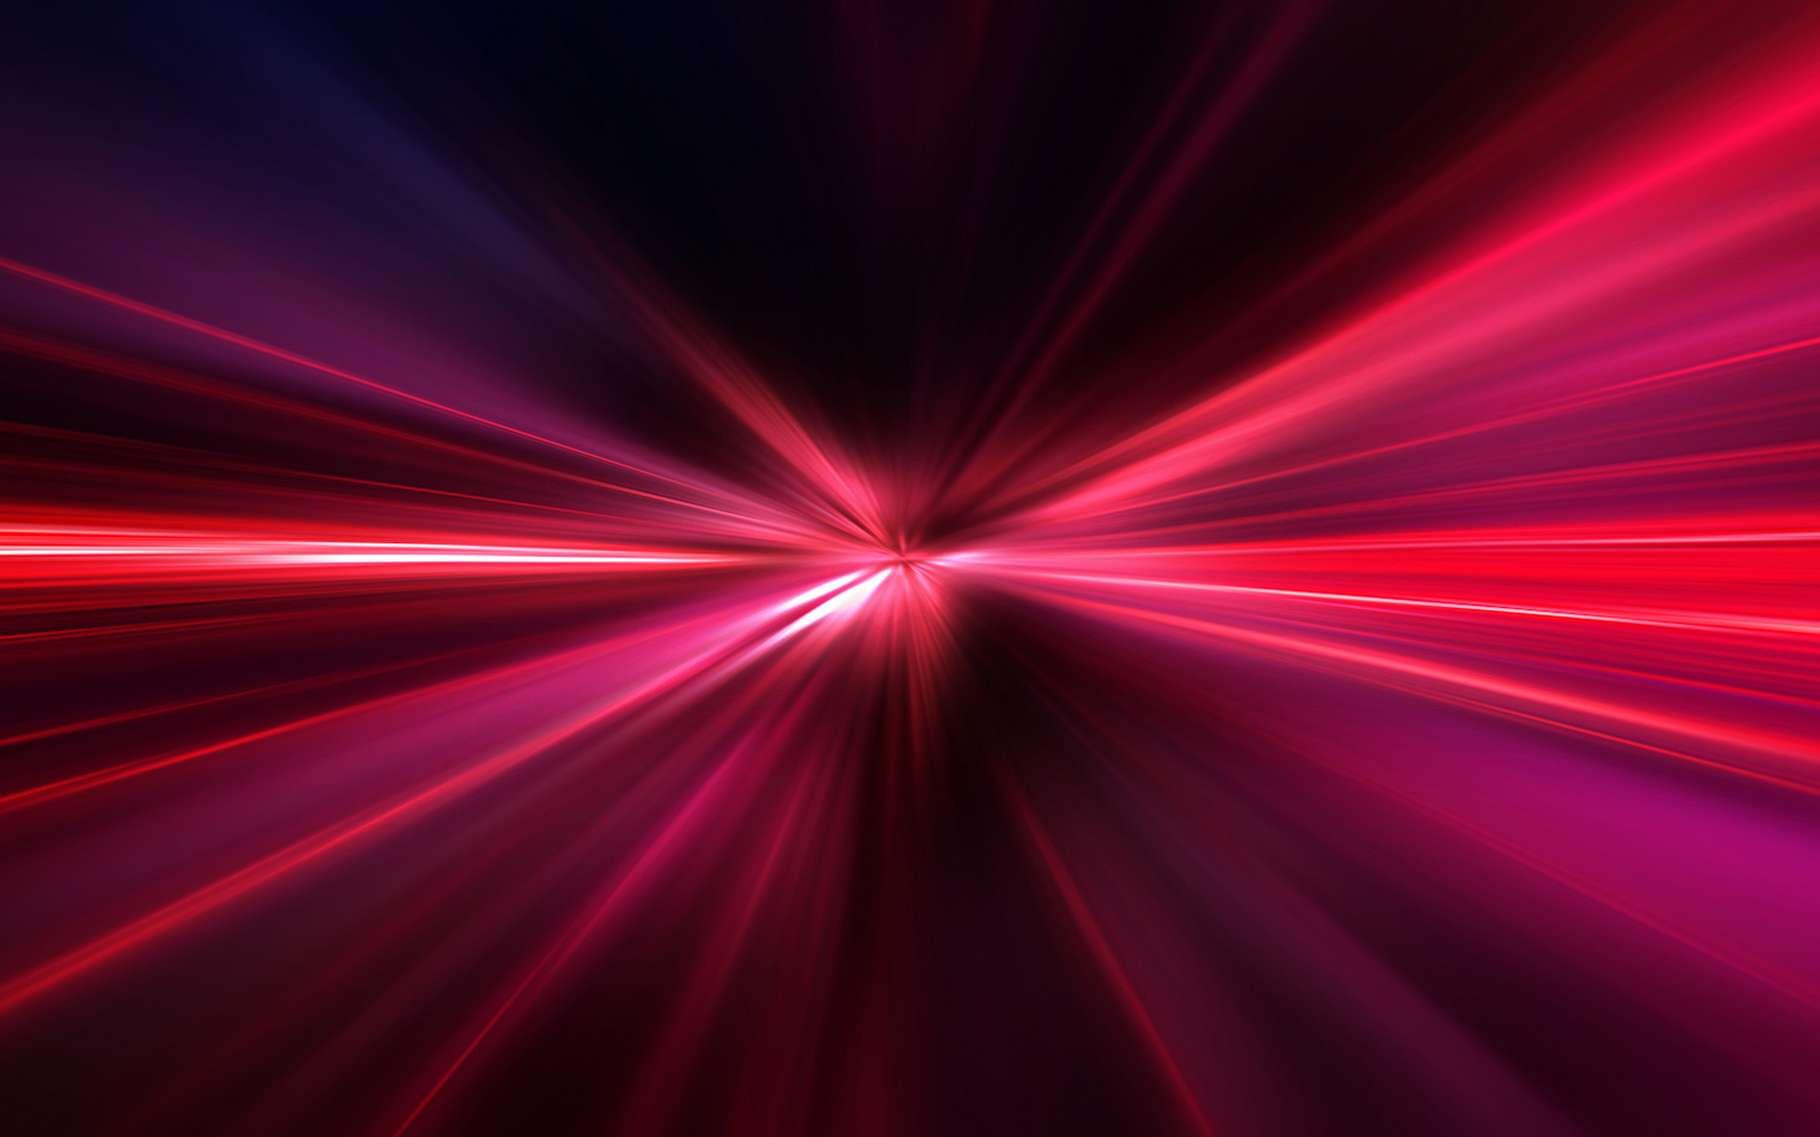 On parle de célérité lorsqu'il est question de vitesse de propagation d'une onde. © Piman ilya_levchenko, Fotolia